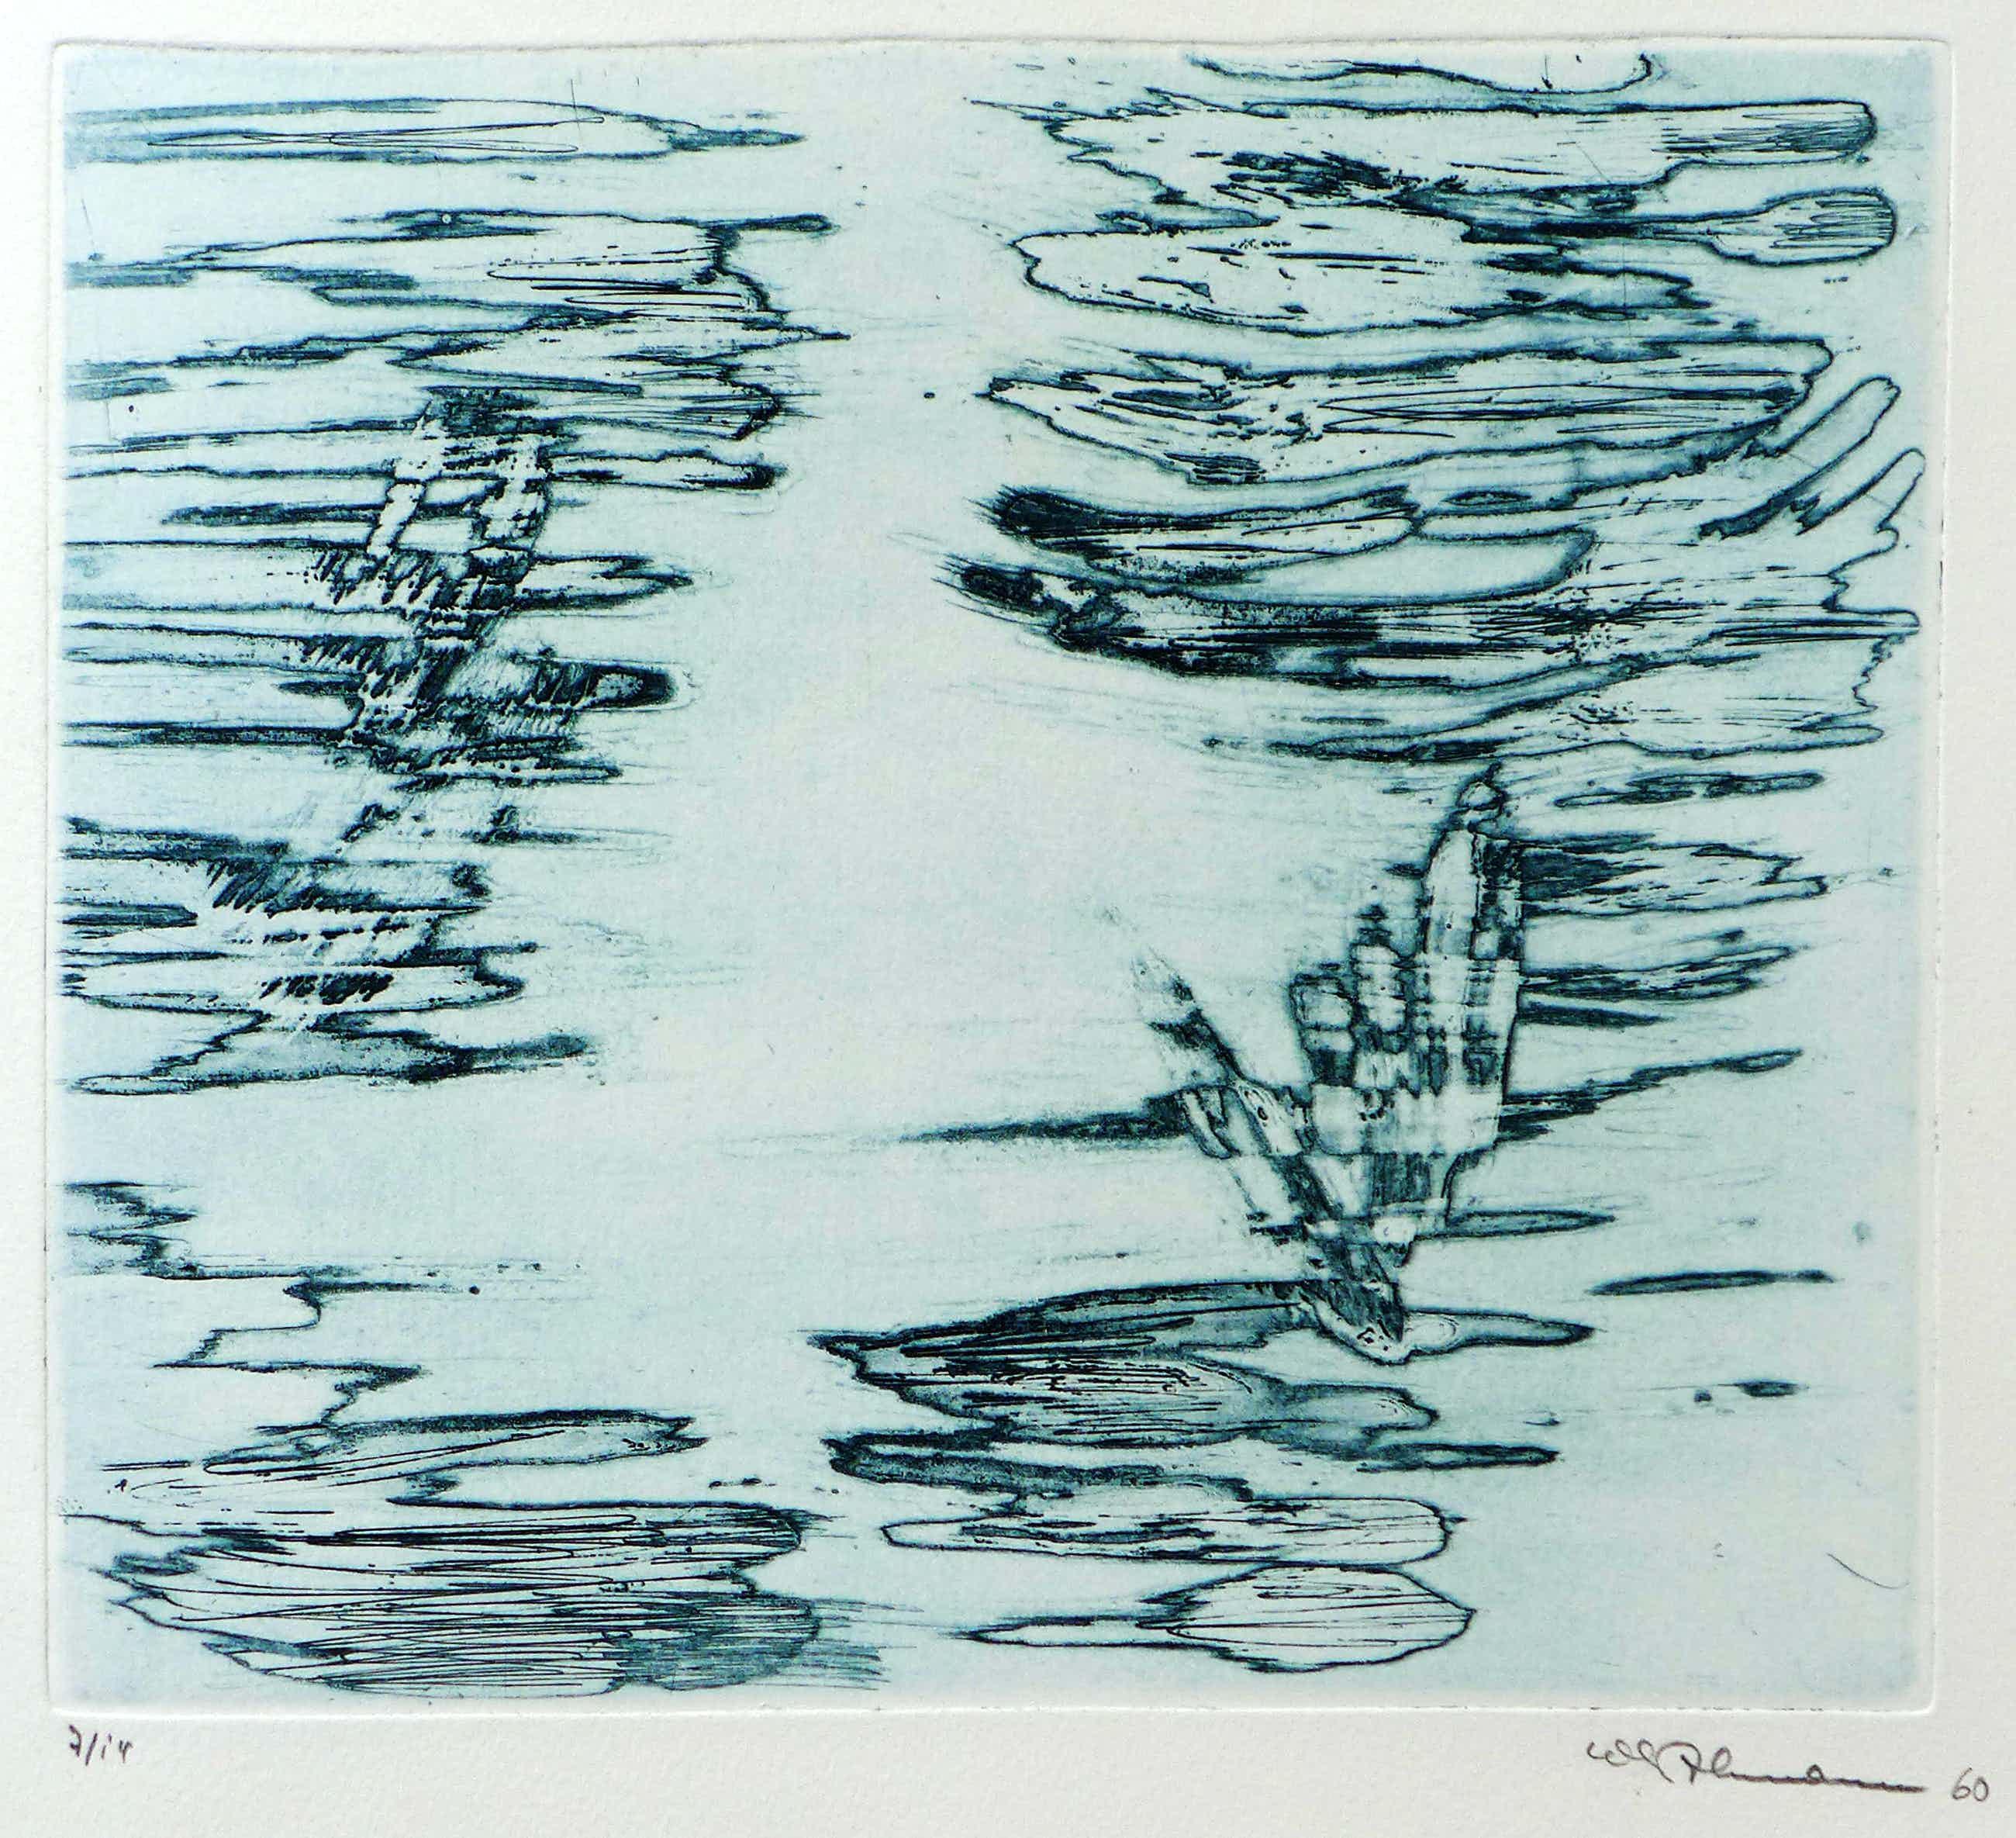 Friederich Werthmann - informelle Komposition, 1960 kopen? Bied vanaf 280!